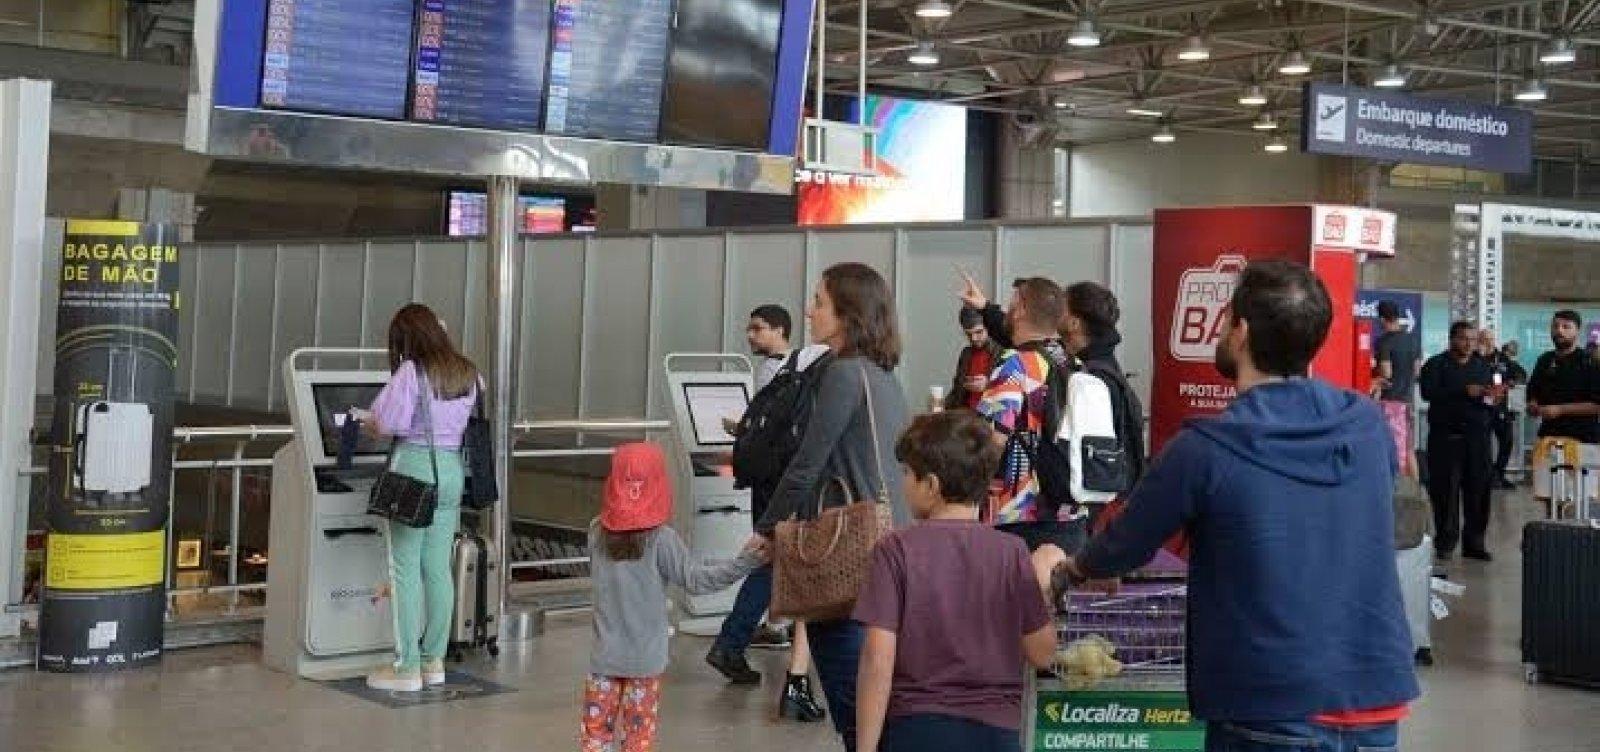 [Governo estende por mais 15 dias restrição para entrada de estrangeiros no Brasil]